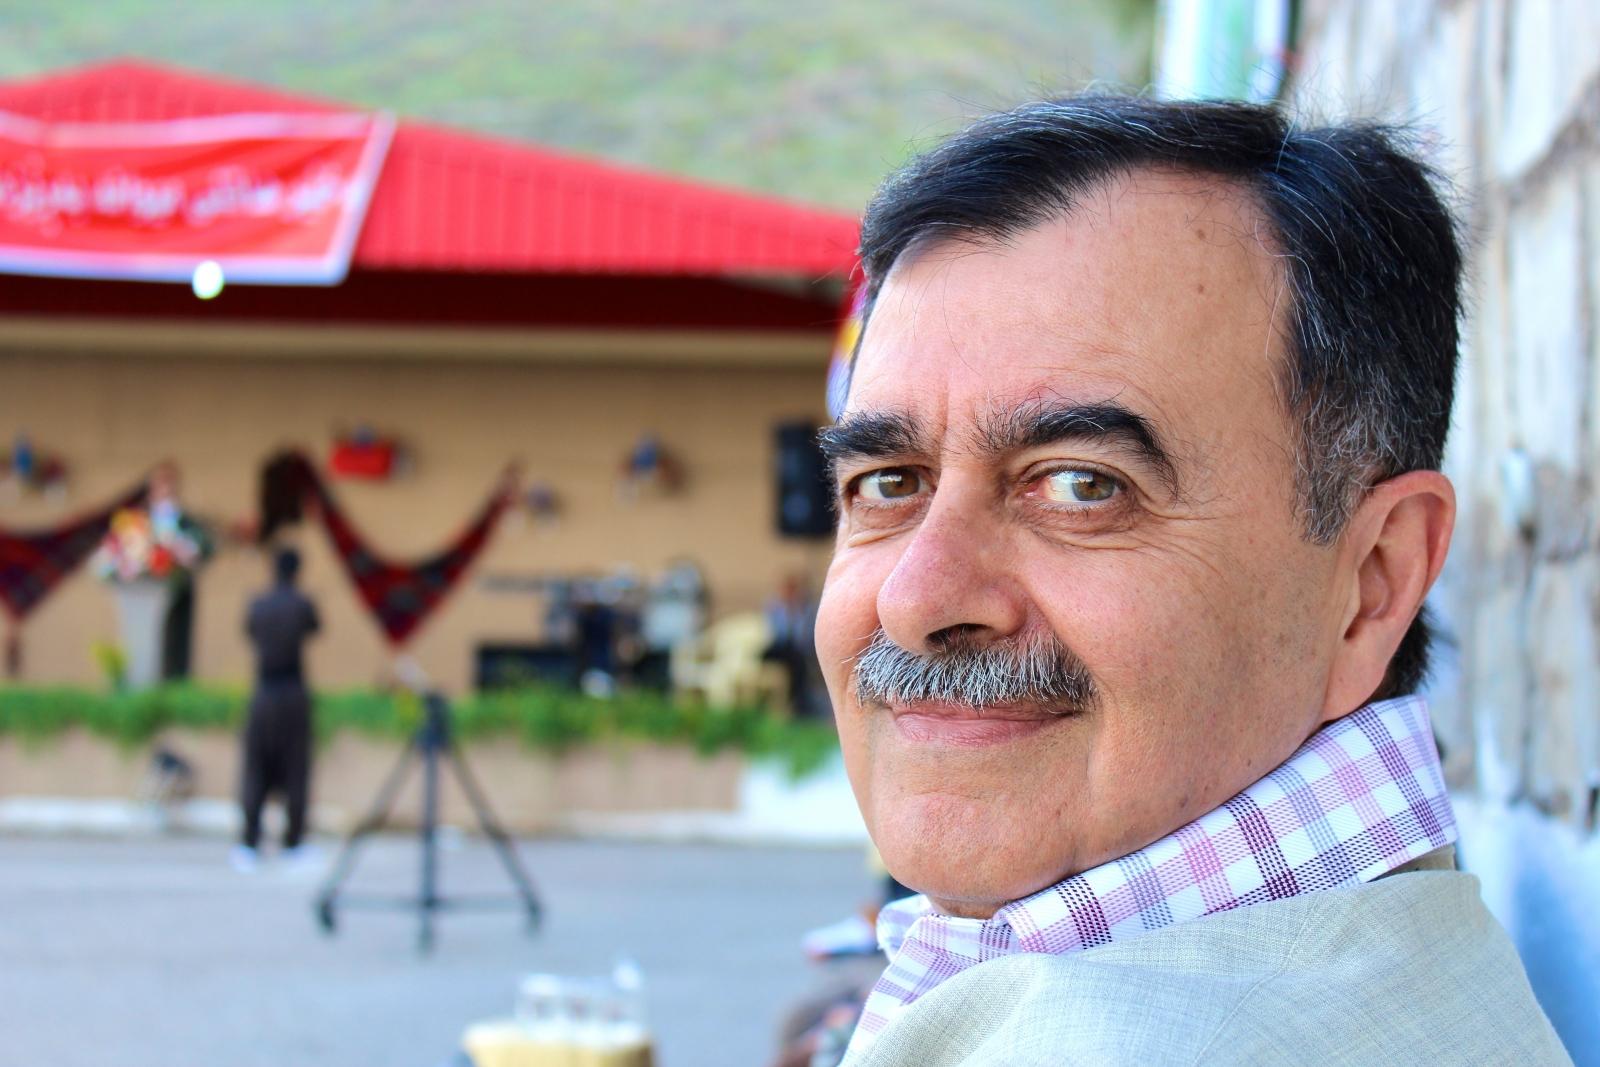 Abdullah Mohtadi